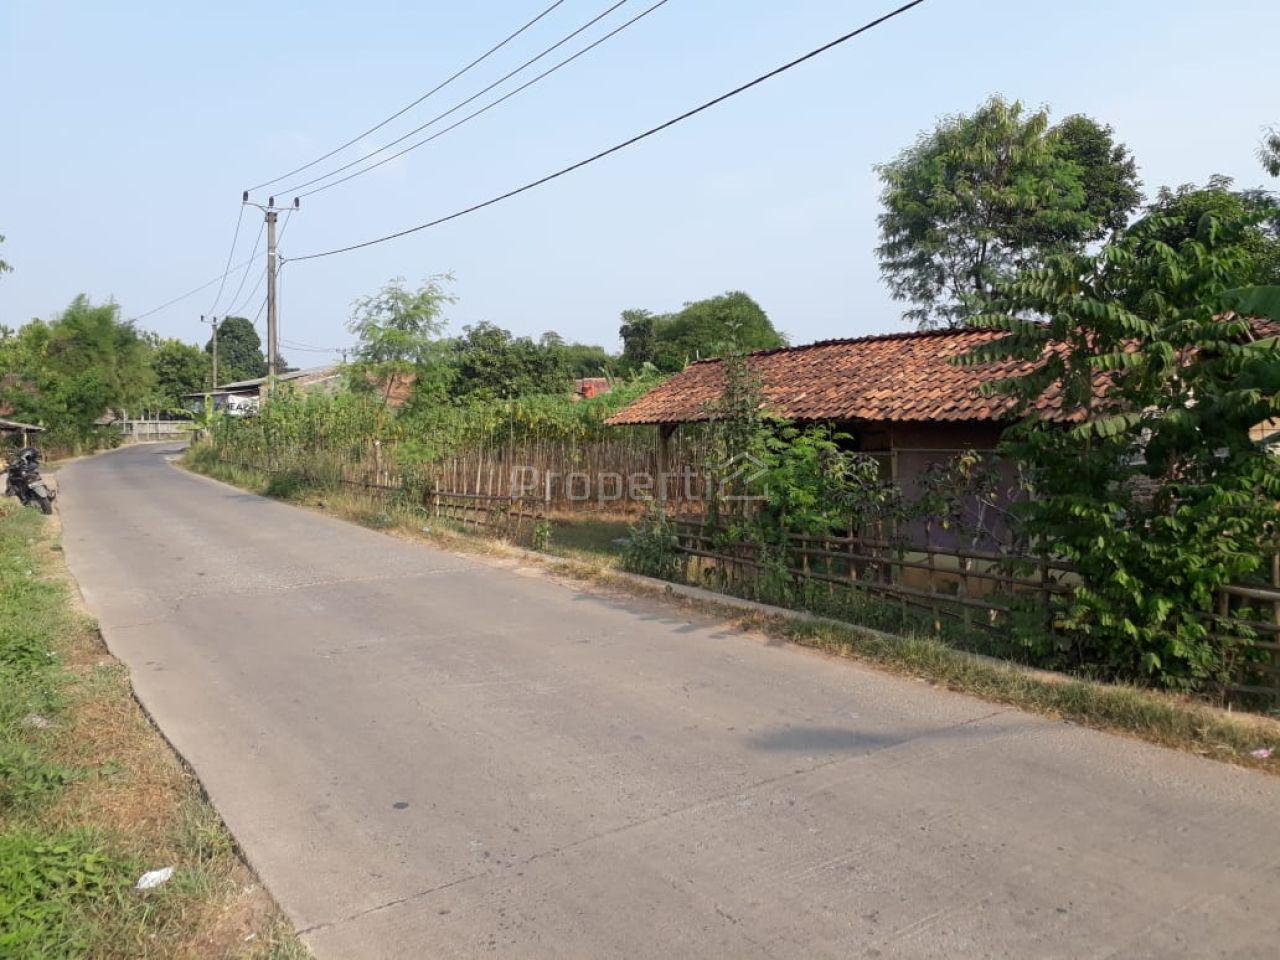 Land for Housing 1.5 Ha in Bekasi, Serang Baru